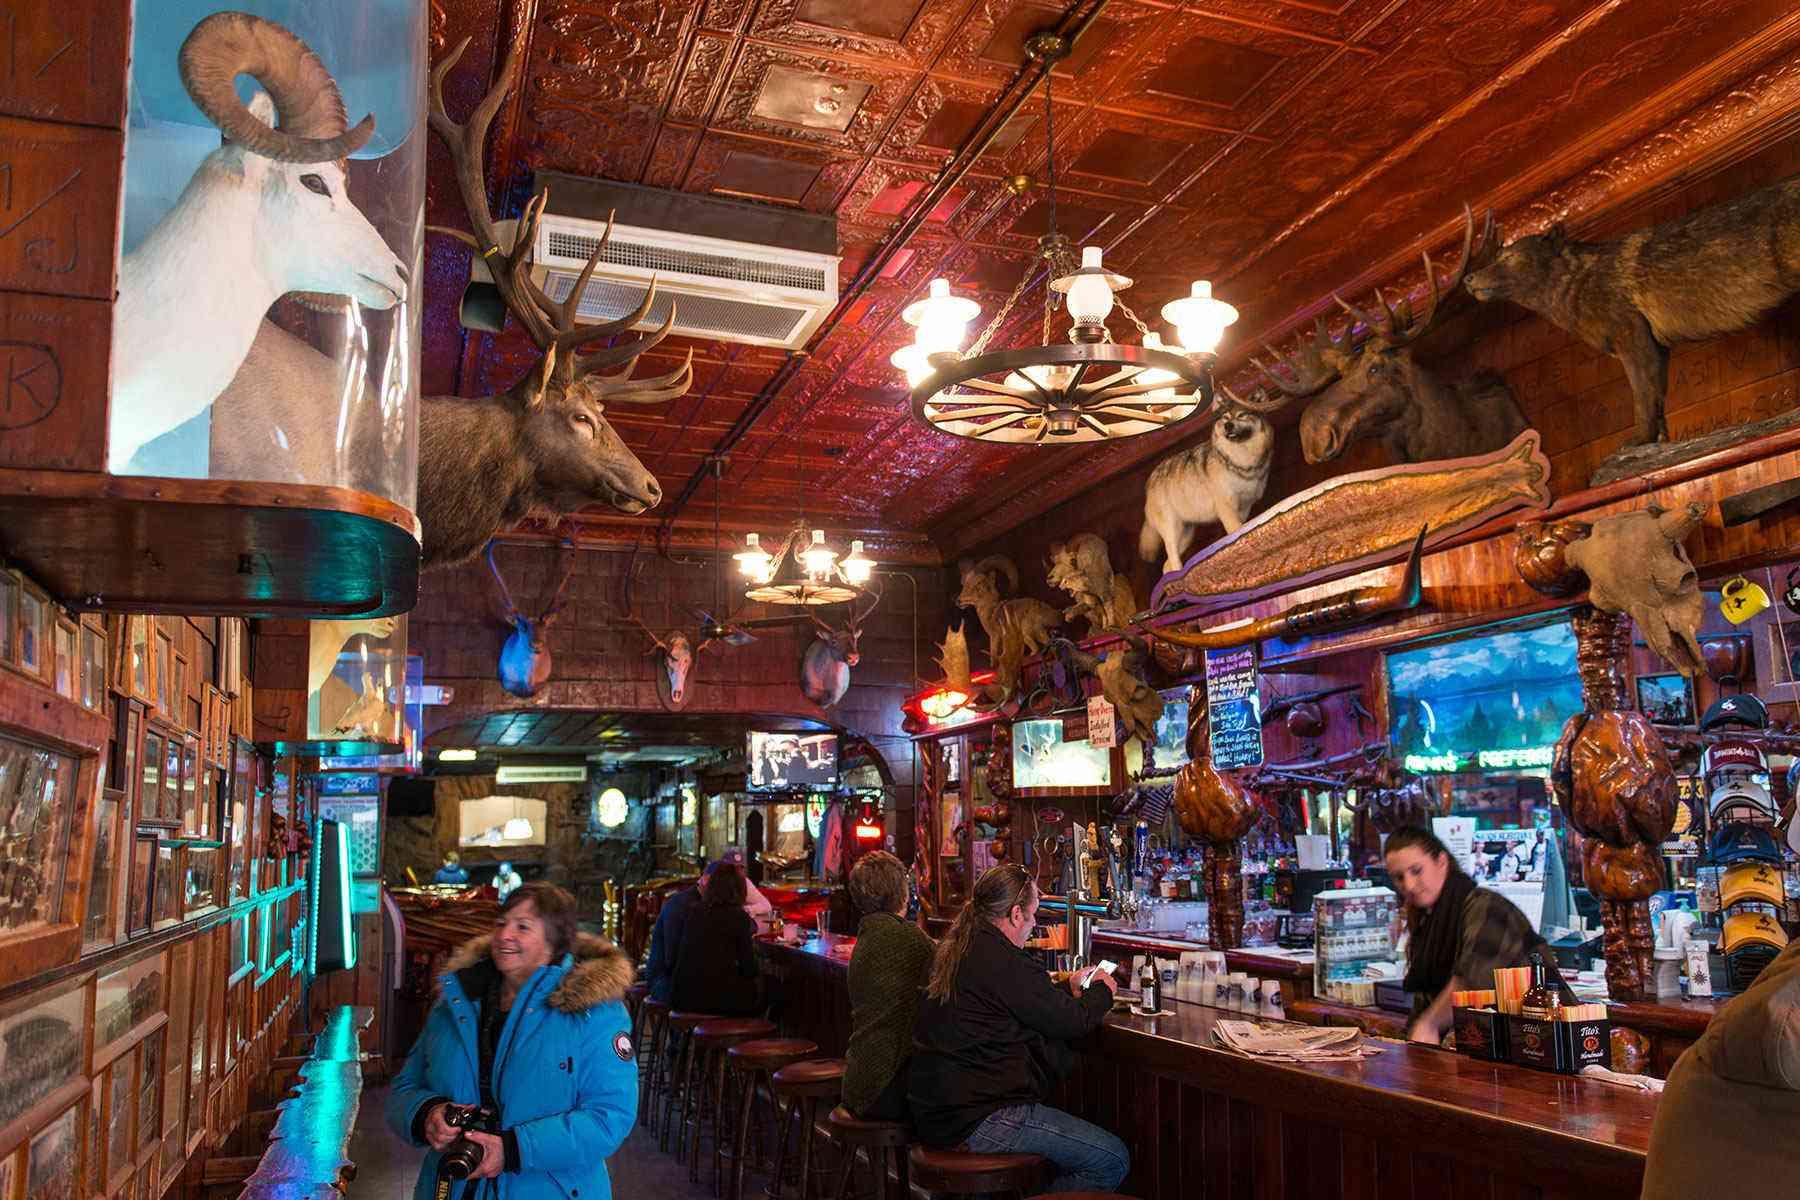 Wild Wild West Bar